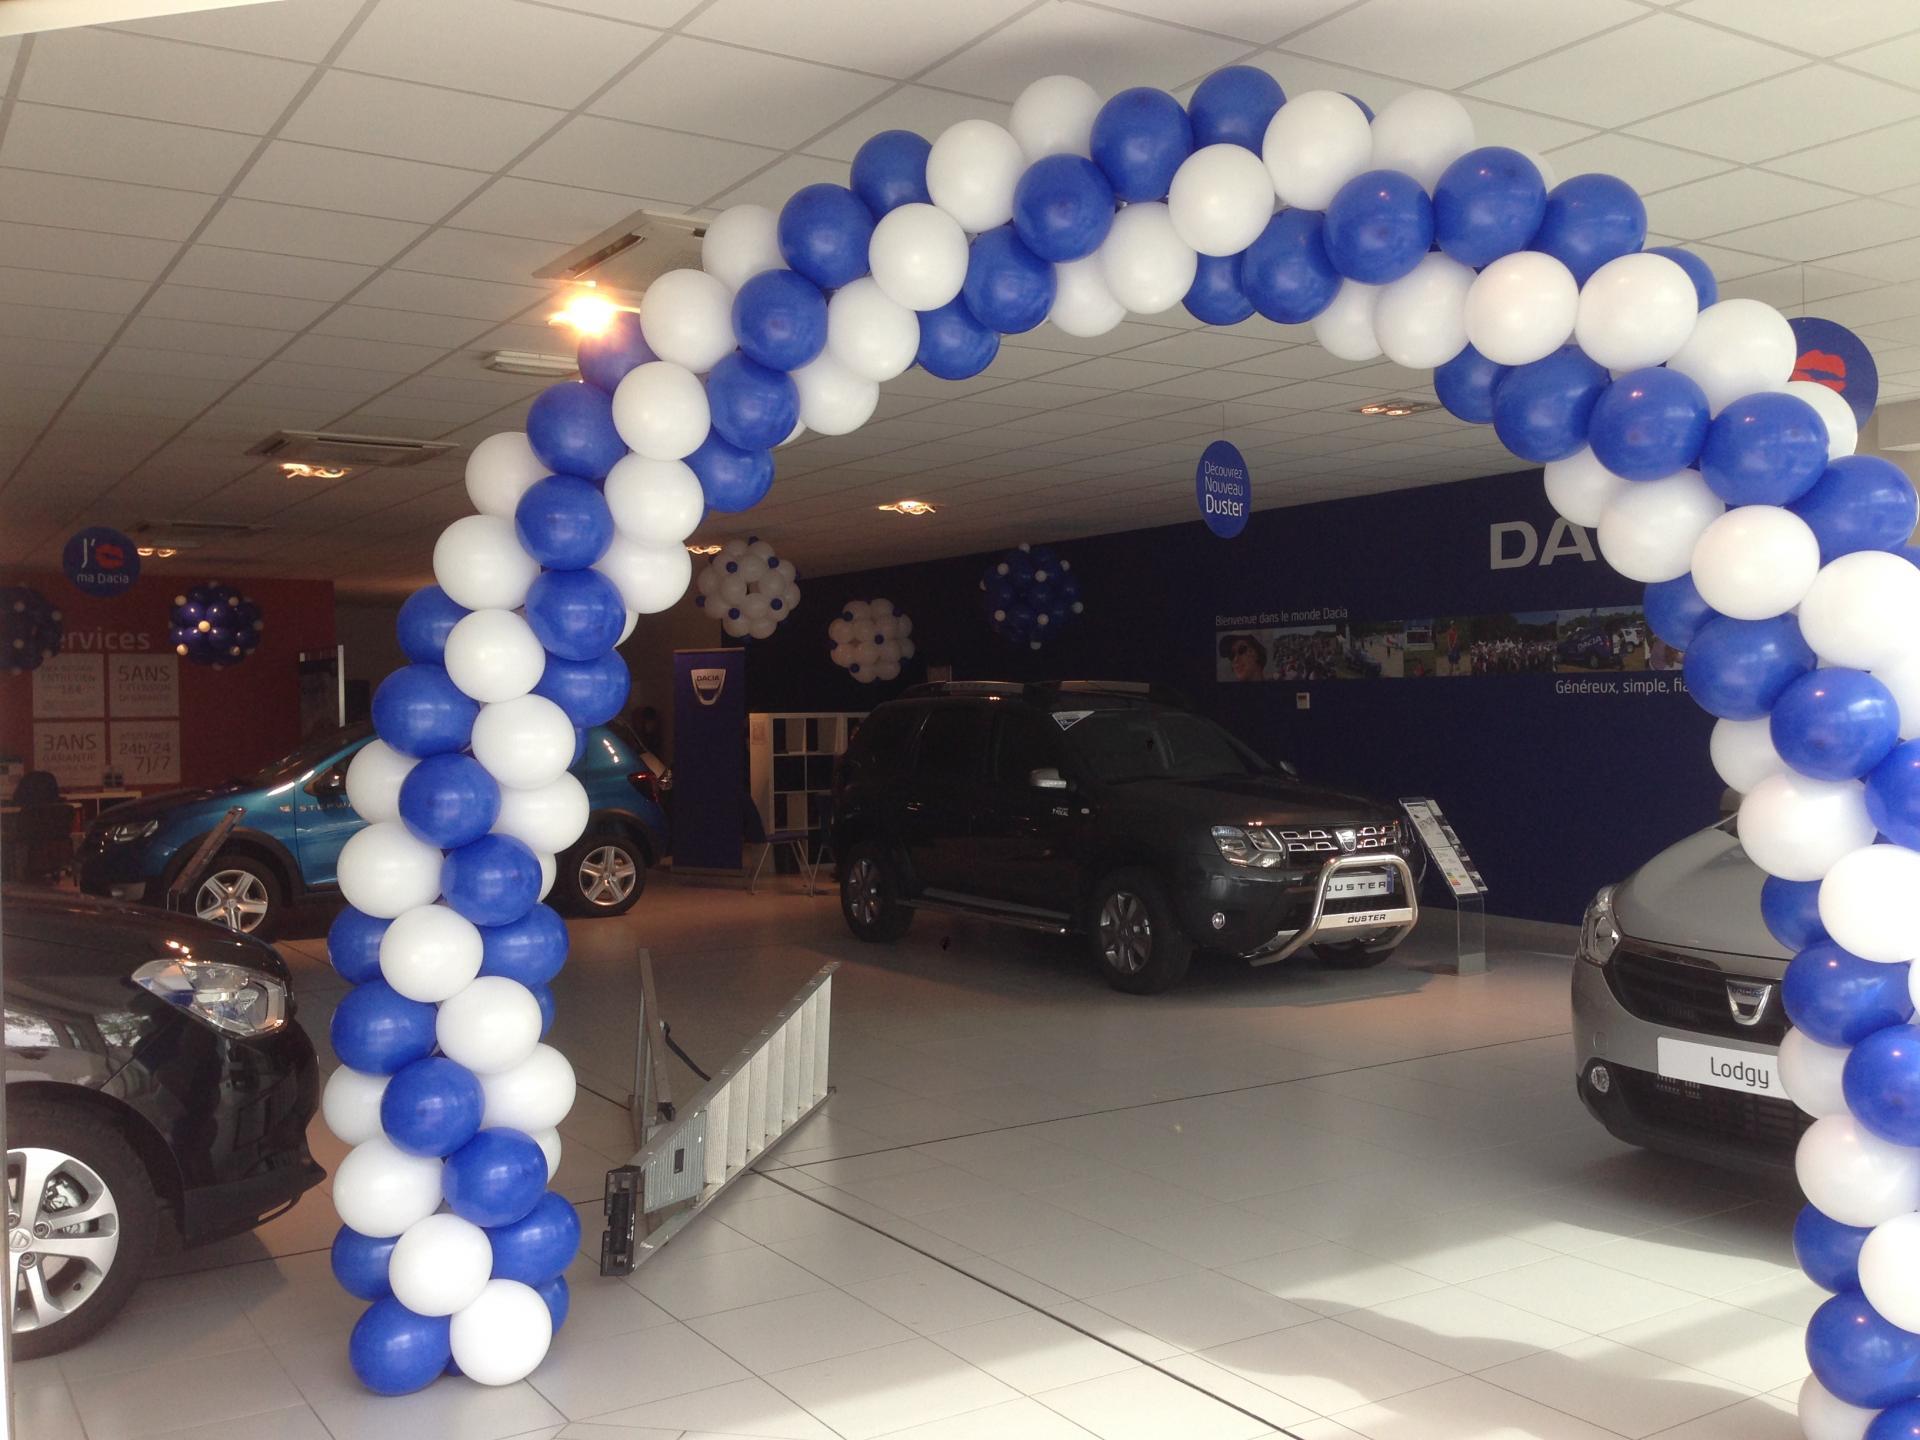 Arche Ballons Concession Dacia